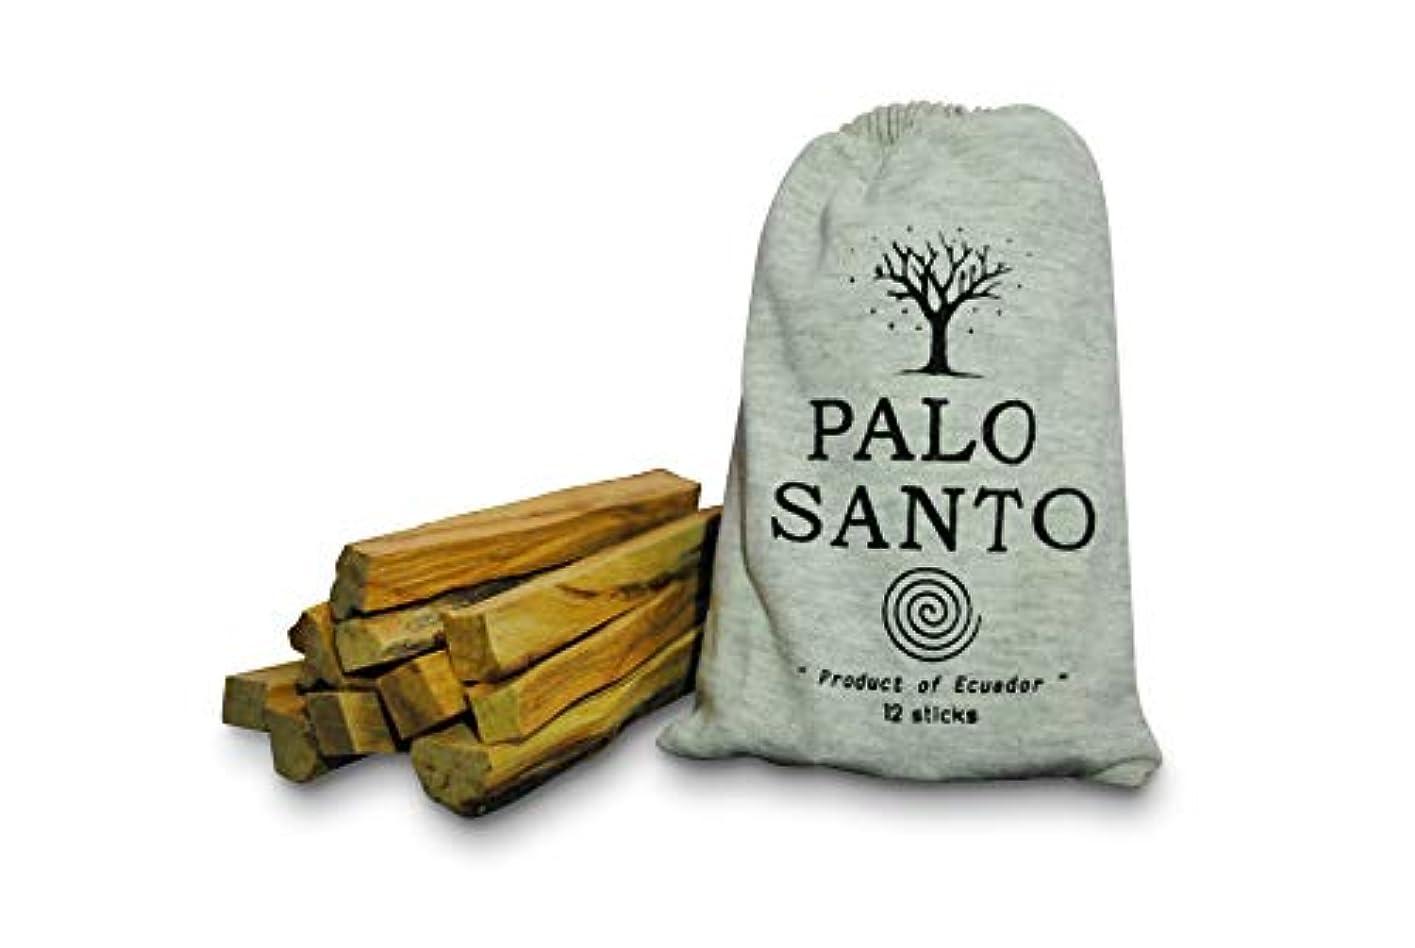 高層ビルモック勝つオルタナティブ ミラクル パロ サント スマッジスティック - 野生の収穫 聖なる木のお香 スマッジスティック